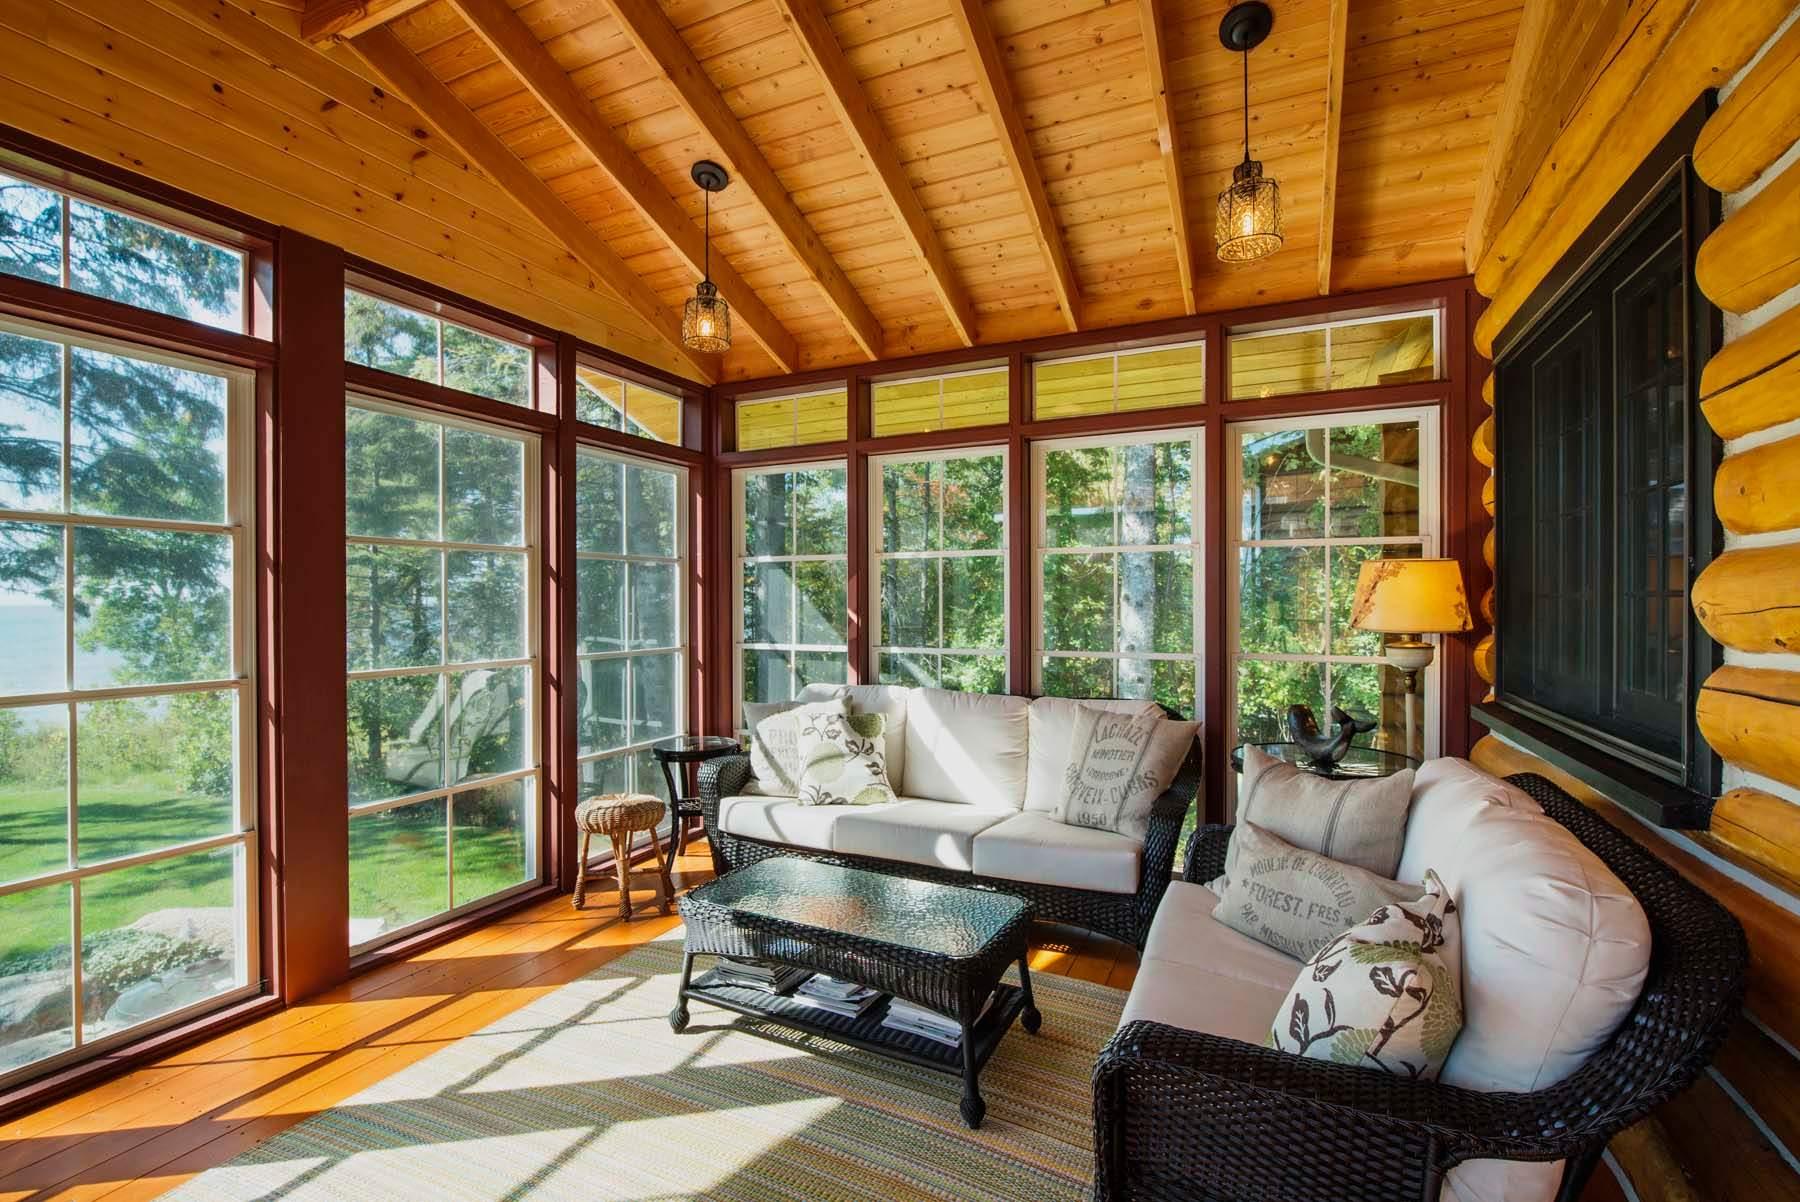 Панорамные окна объединяют пространство дома и улицу